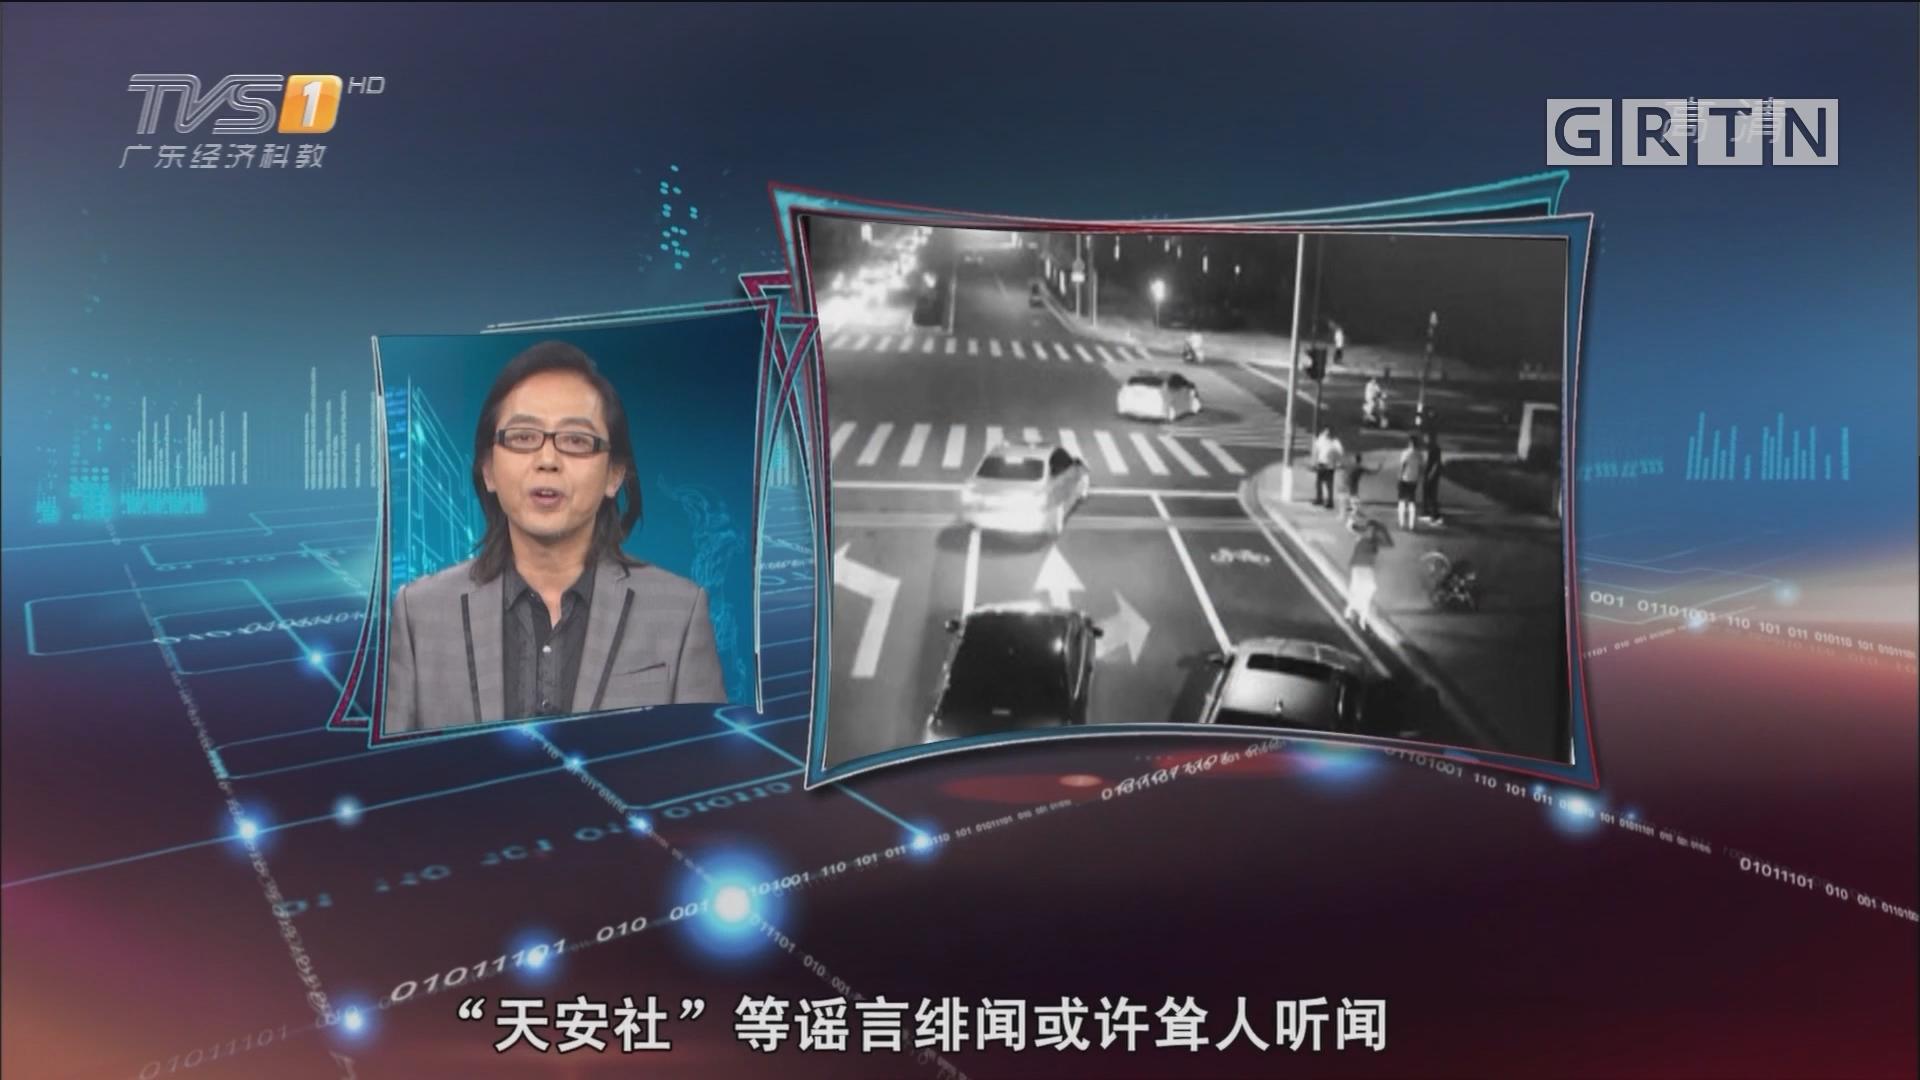 """[HD][2018-09-03]马后炮:""""昆山反杀案""""撤案 唯有法治安民心"""